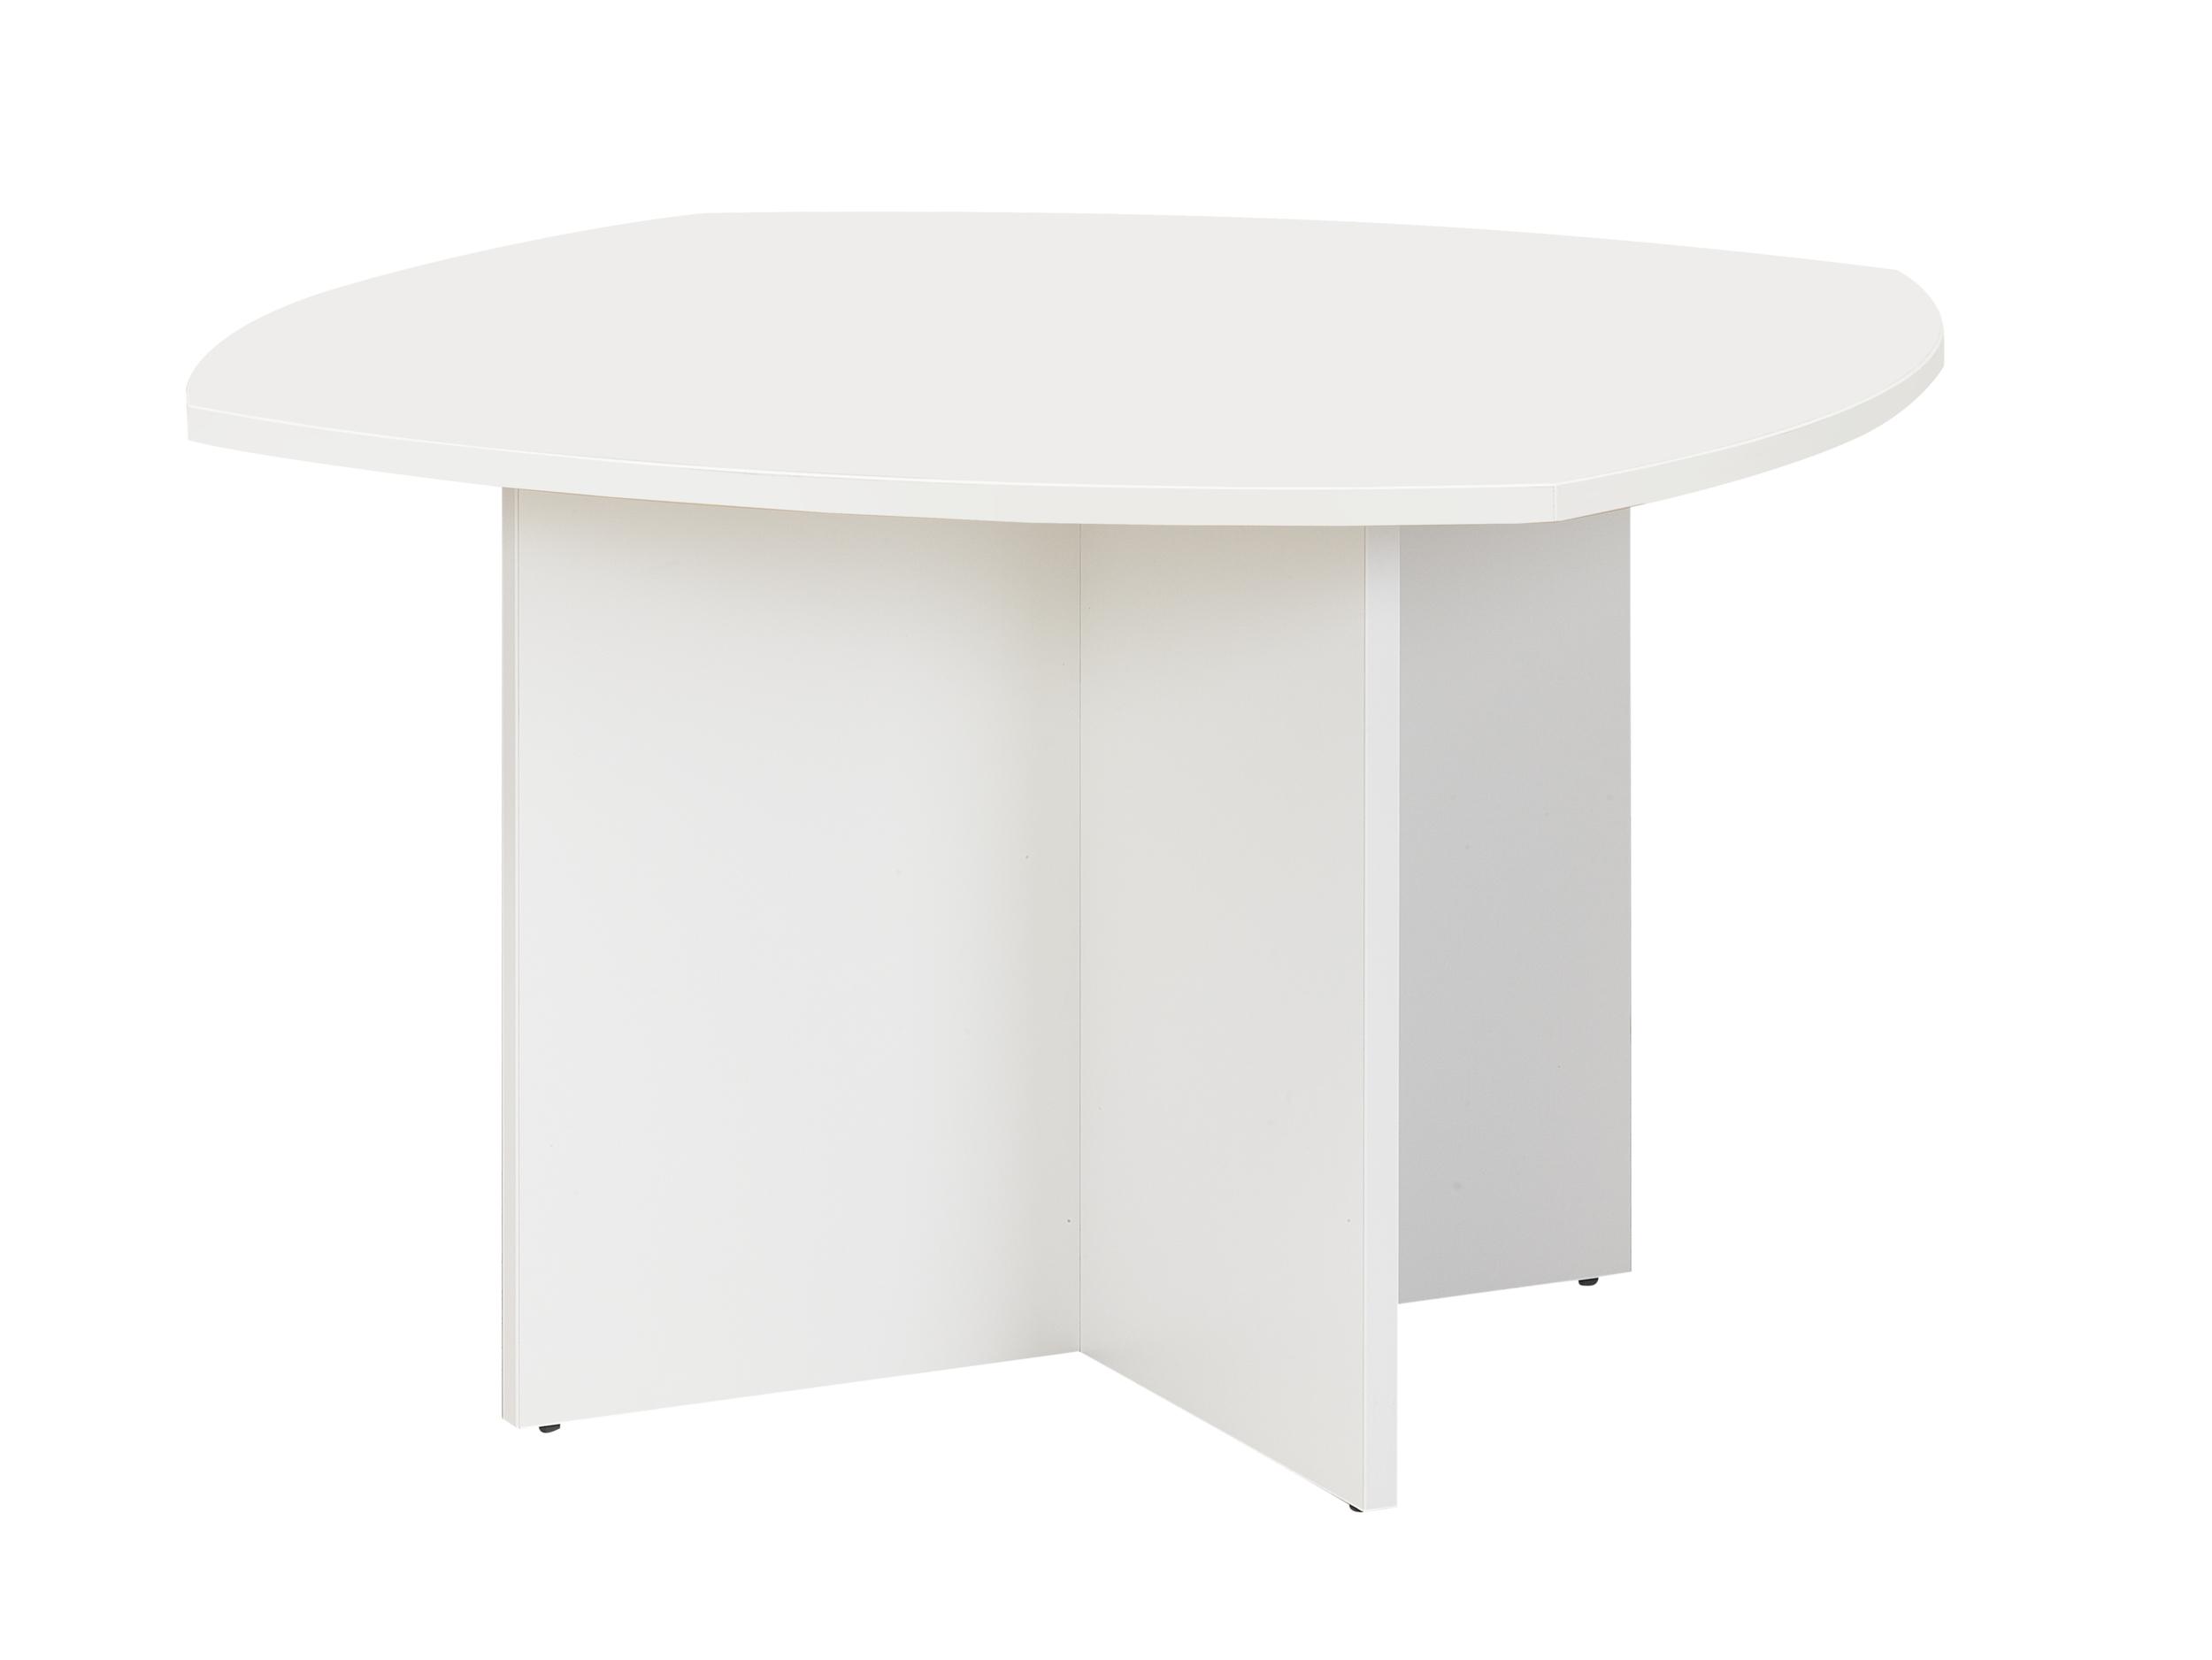 TABLE BLANCHE PIED PANNEAUX BLANC